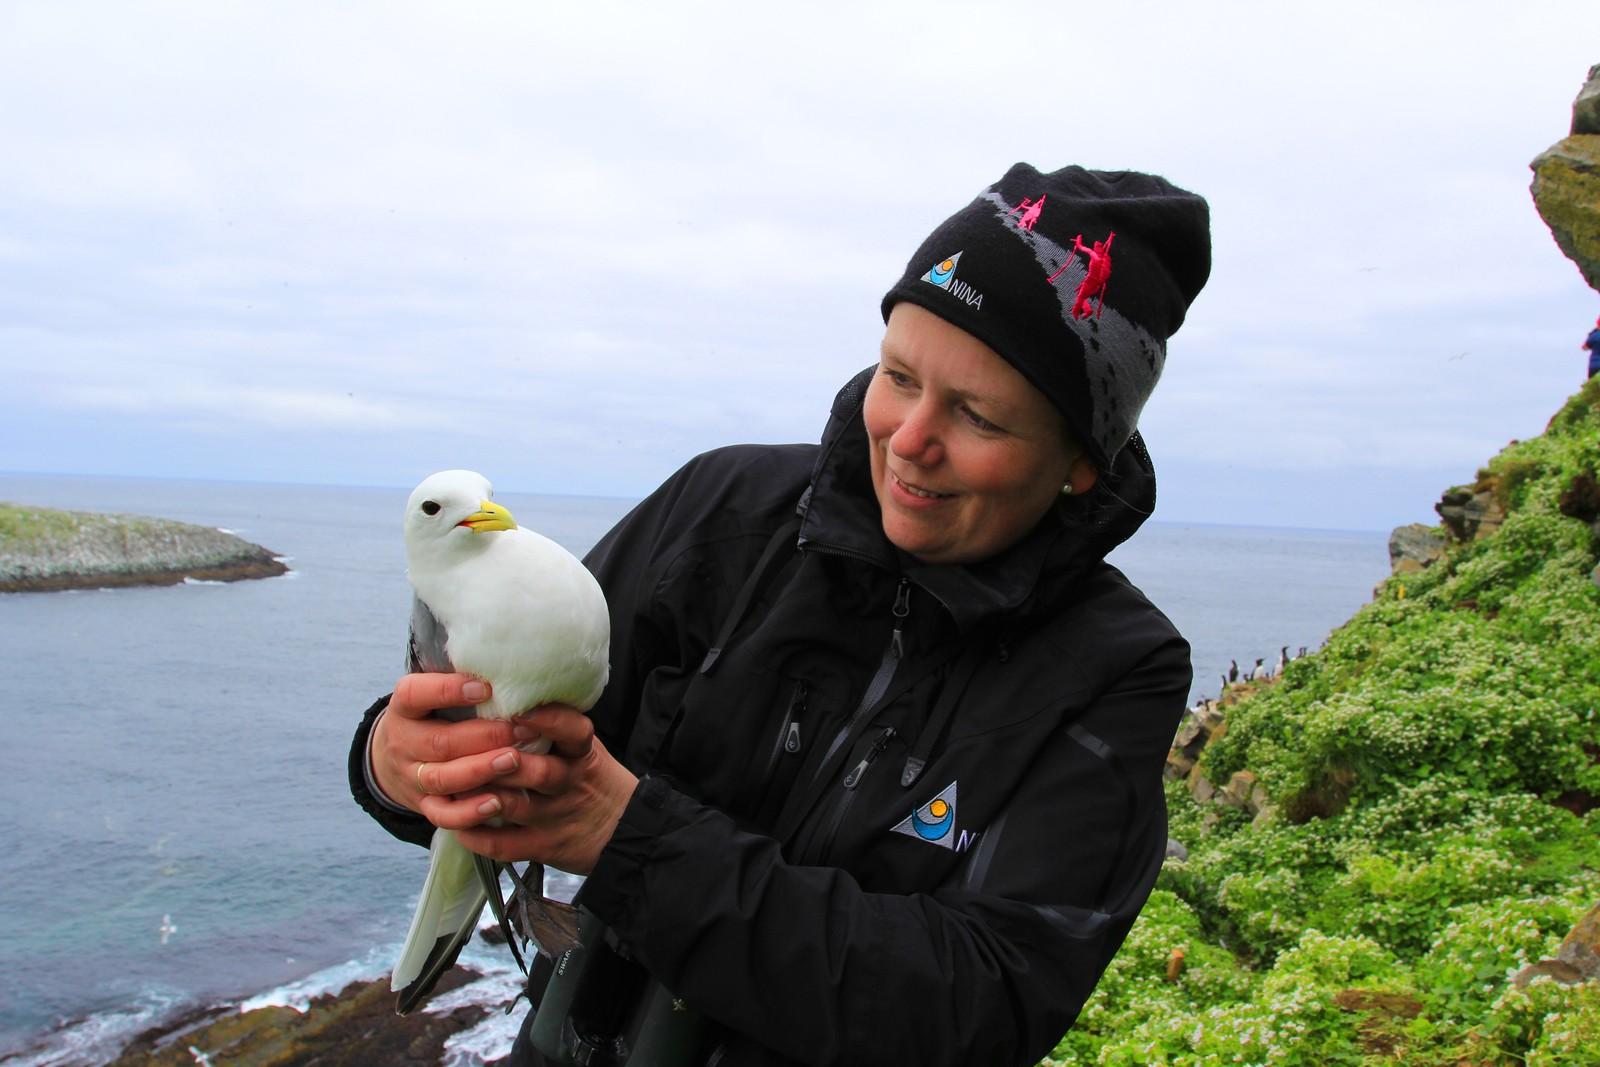 Tone Reiertsen (NINA/Framsenteret/SEAPOP)er fugleforsker og tilbringer hele sommeren på fuglefjellet Hornøya. Krykkjen er en av mange favoritter på øya.